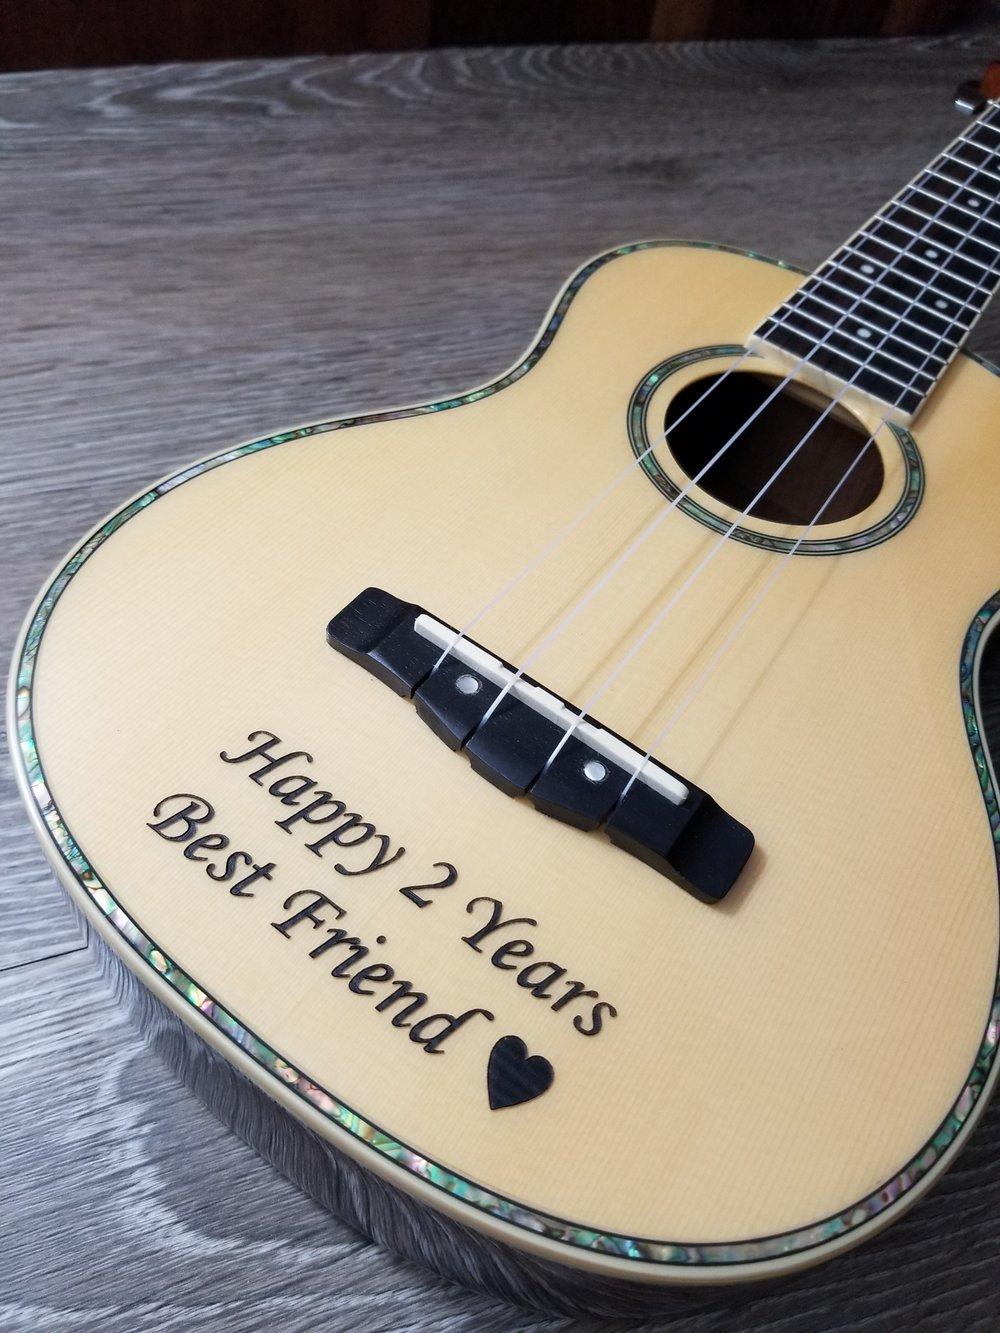 Engraved Guitar - Engraved Ukulele - Engraved instruments - Personalized Guitar - Personalized Ukulele - Custom Ukulele - Instrument Engraving - Custom Instruments - Engrave It Houston